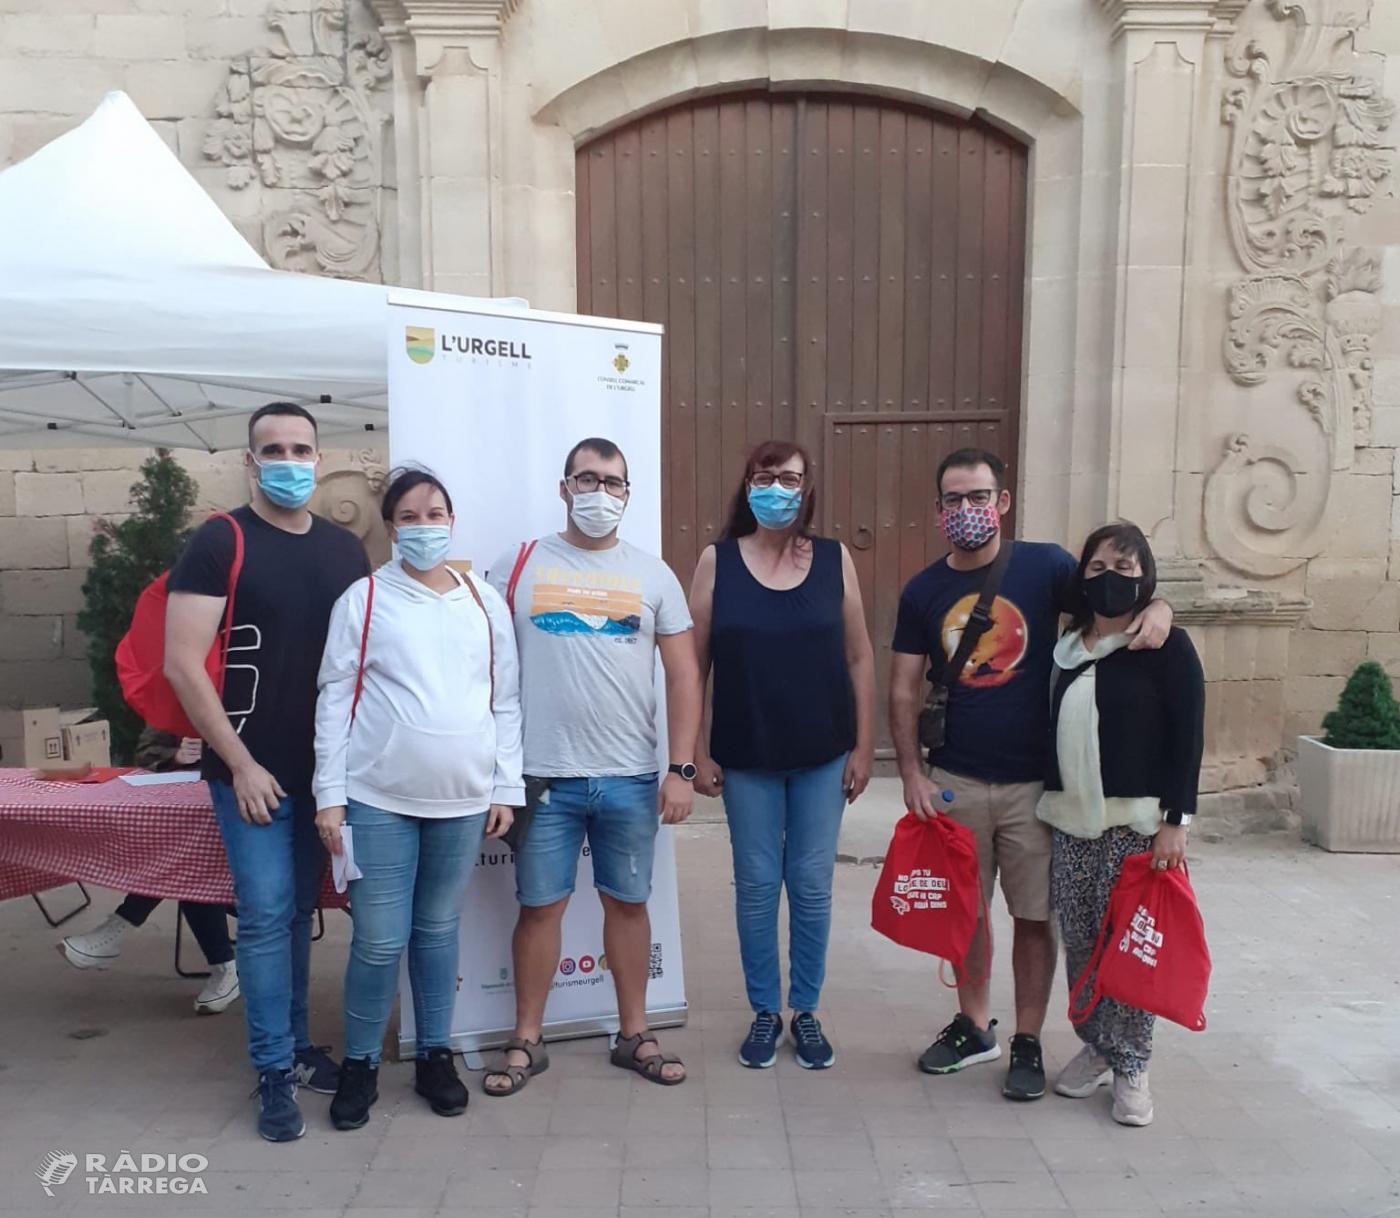 Més de 200 persones participen al Gastrosarau Benvinguts a l'Urgell